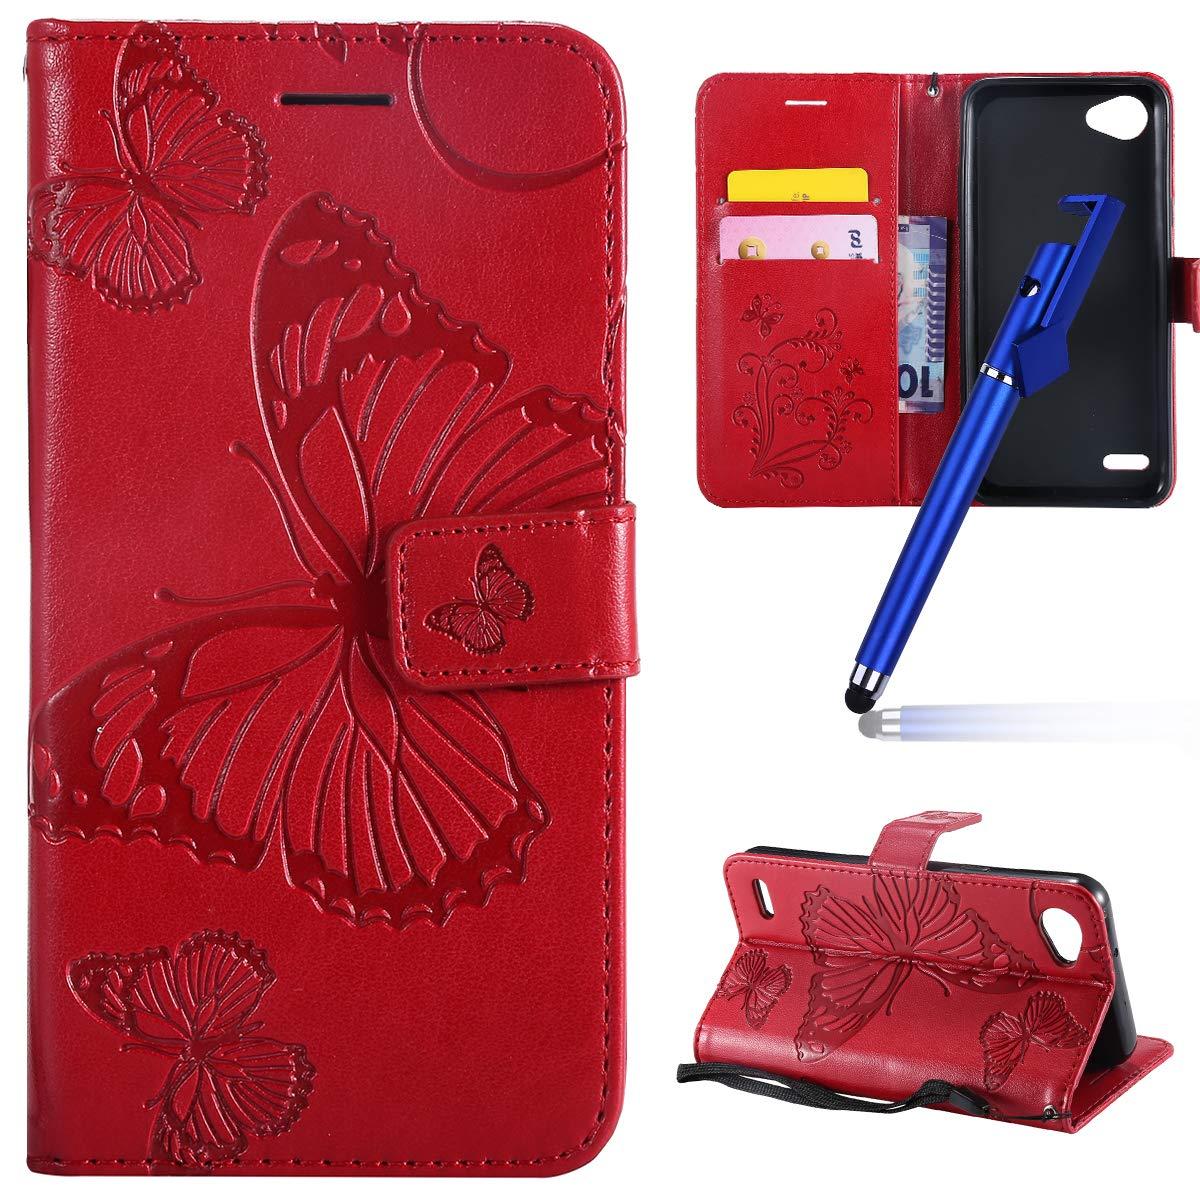 MoreChioce Compatible avec Coque LG Q6 avec Rabat, Retro 3D Pourpre Papillon Relief Portefeuille Flip Case Housse en Cuir Compatible avec LG Q6 Étui de Protection Magnétique avec Support